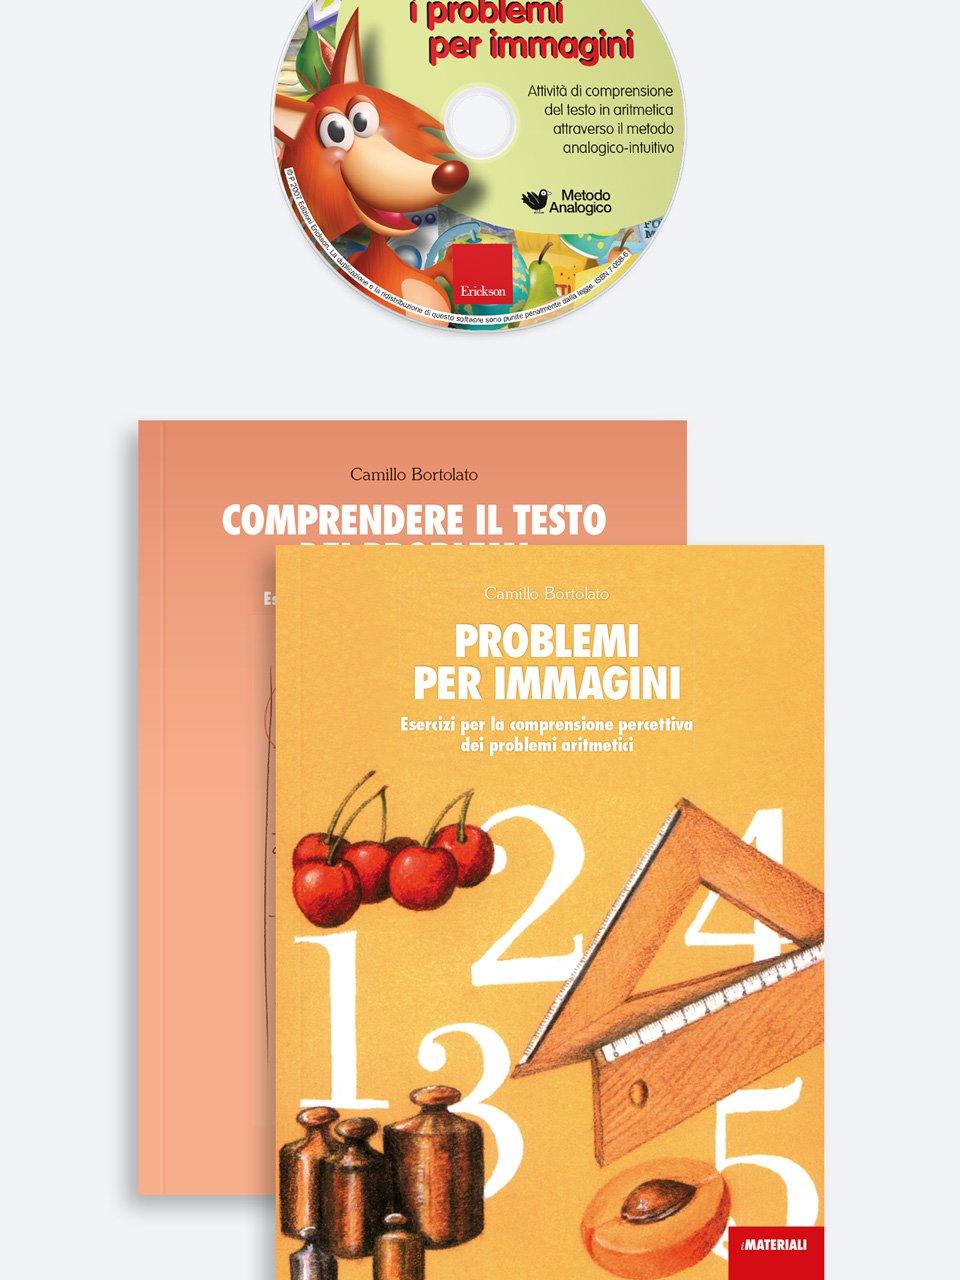 Risolvere i problemi per immagini - Disfaproblemi - Libri - Erickson 2